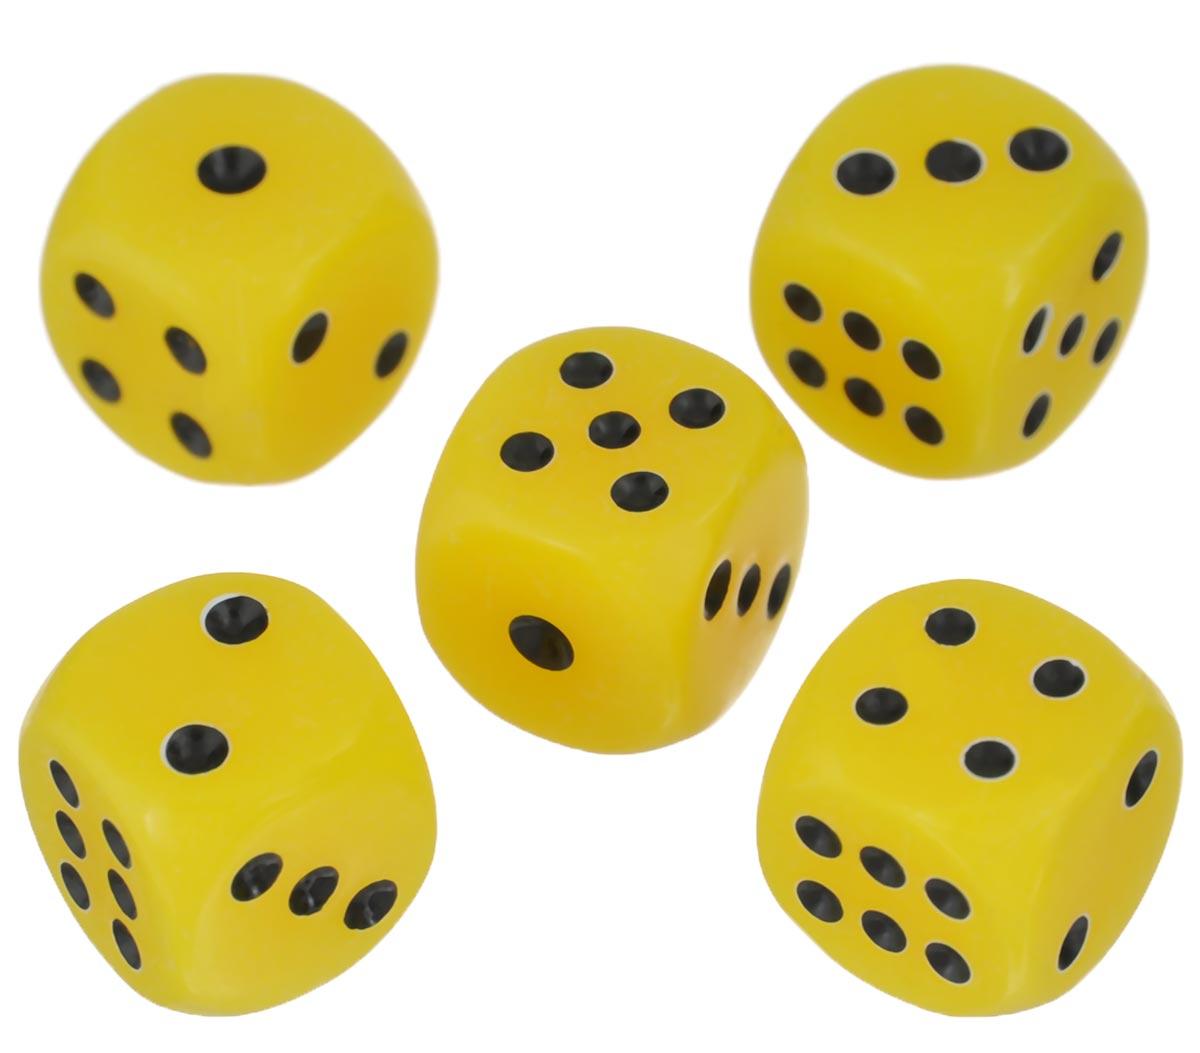 Набор игральных костей Компания Игра, 10 мм, цвет: желтый, 5 шт71Набор игральных костей состоит из 5 шестигранных пластиковых кубиков желтого цвета с черными точками. Кости подходят для любых настольных игр на шестигранных кубиках, в том числе и нард.